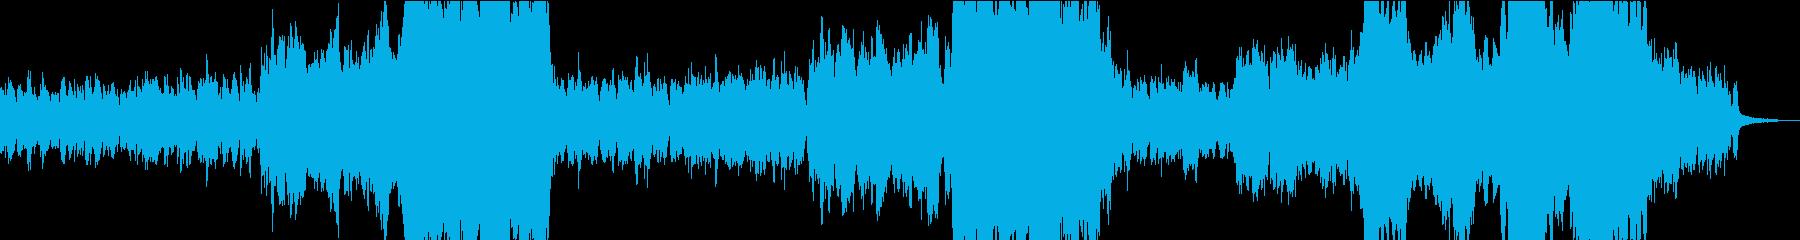 流星群をイメージしたBGMの再生済みの波形